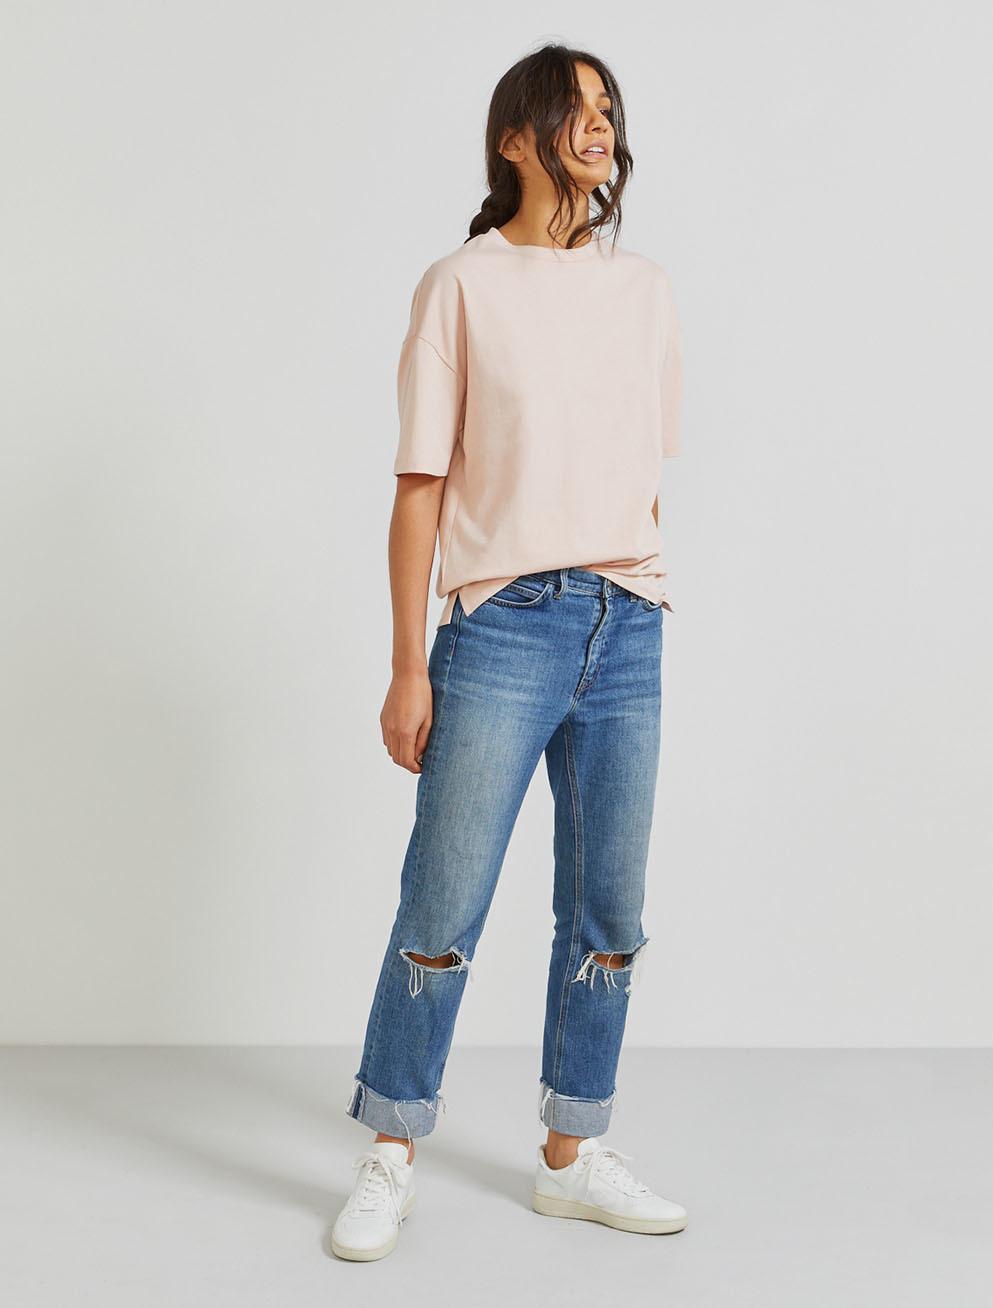 short-sleeve T shirt